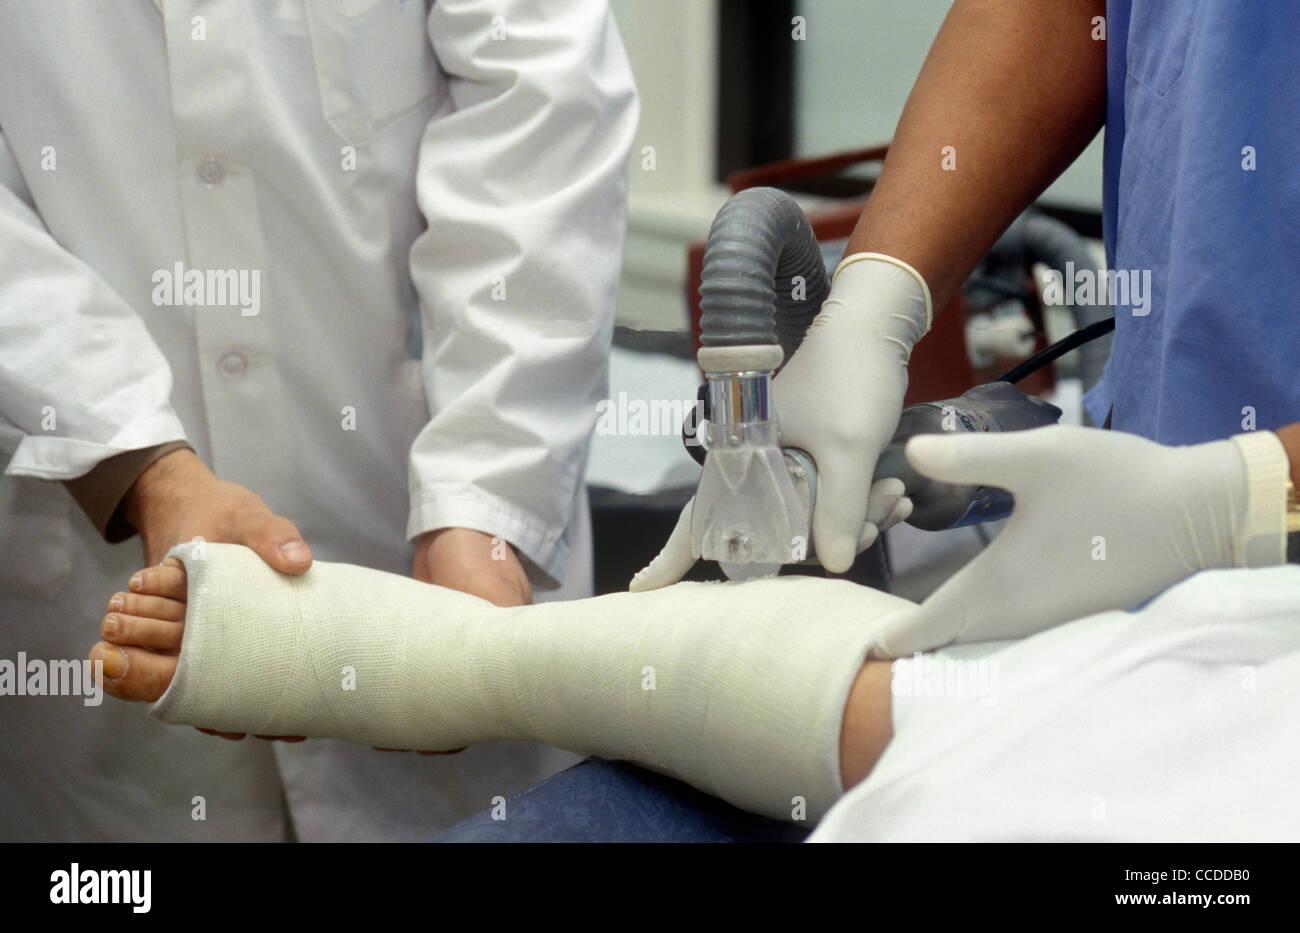 Orthopädische Ärzte entfernen eine Besetzung von einem Patienten mit einem gebrochenen Knochen. Stockbild